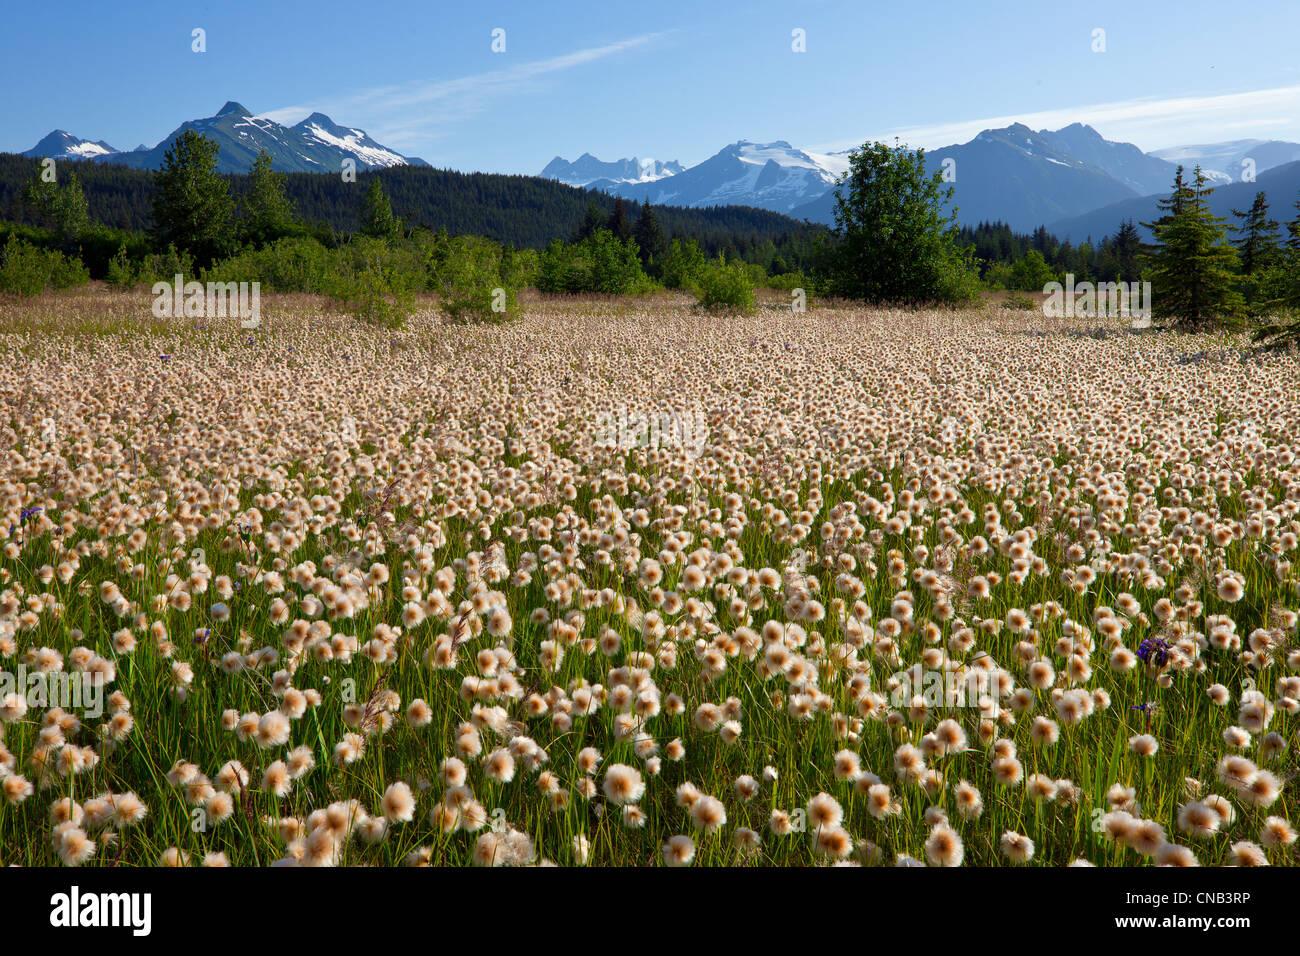 Alaska Cotton grass in the Mendenhall wetlands, Juneau, Southeast Alaska, Summer - Stock Image